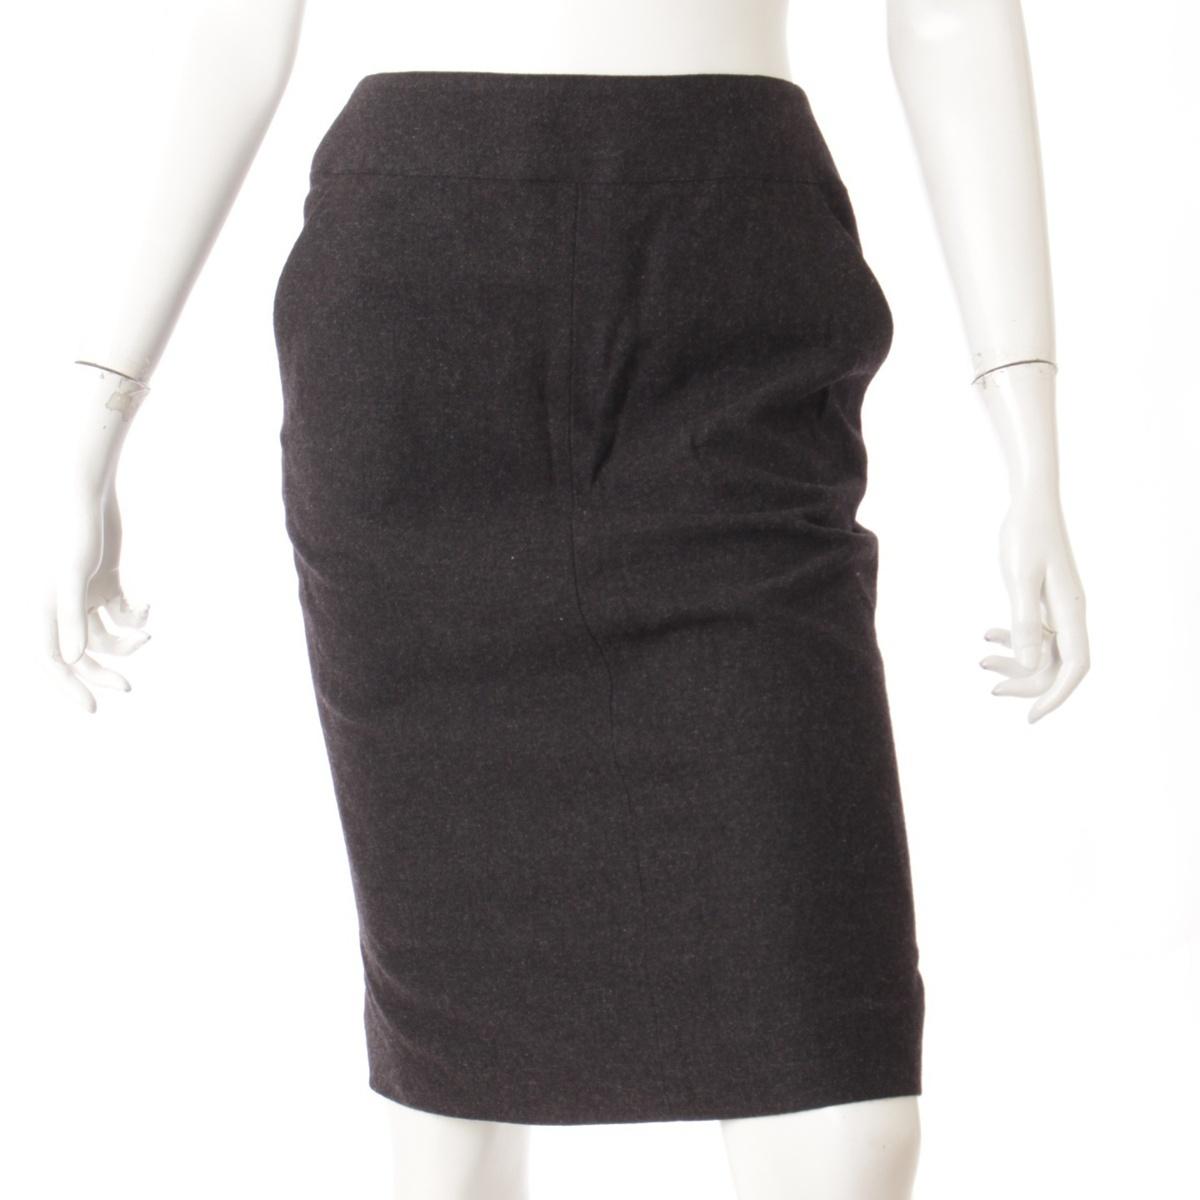 【シャネル】Chanel カシミヤ タイトスカート 09A ブラック 36 【中古】【鑑定済・正規品保証】52410